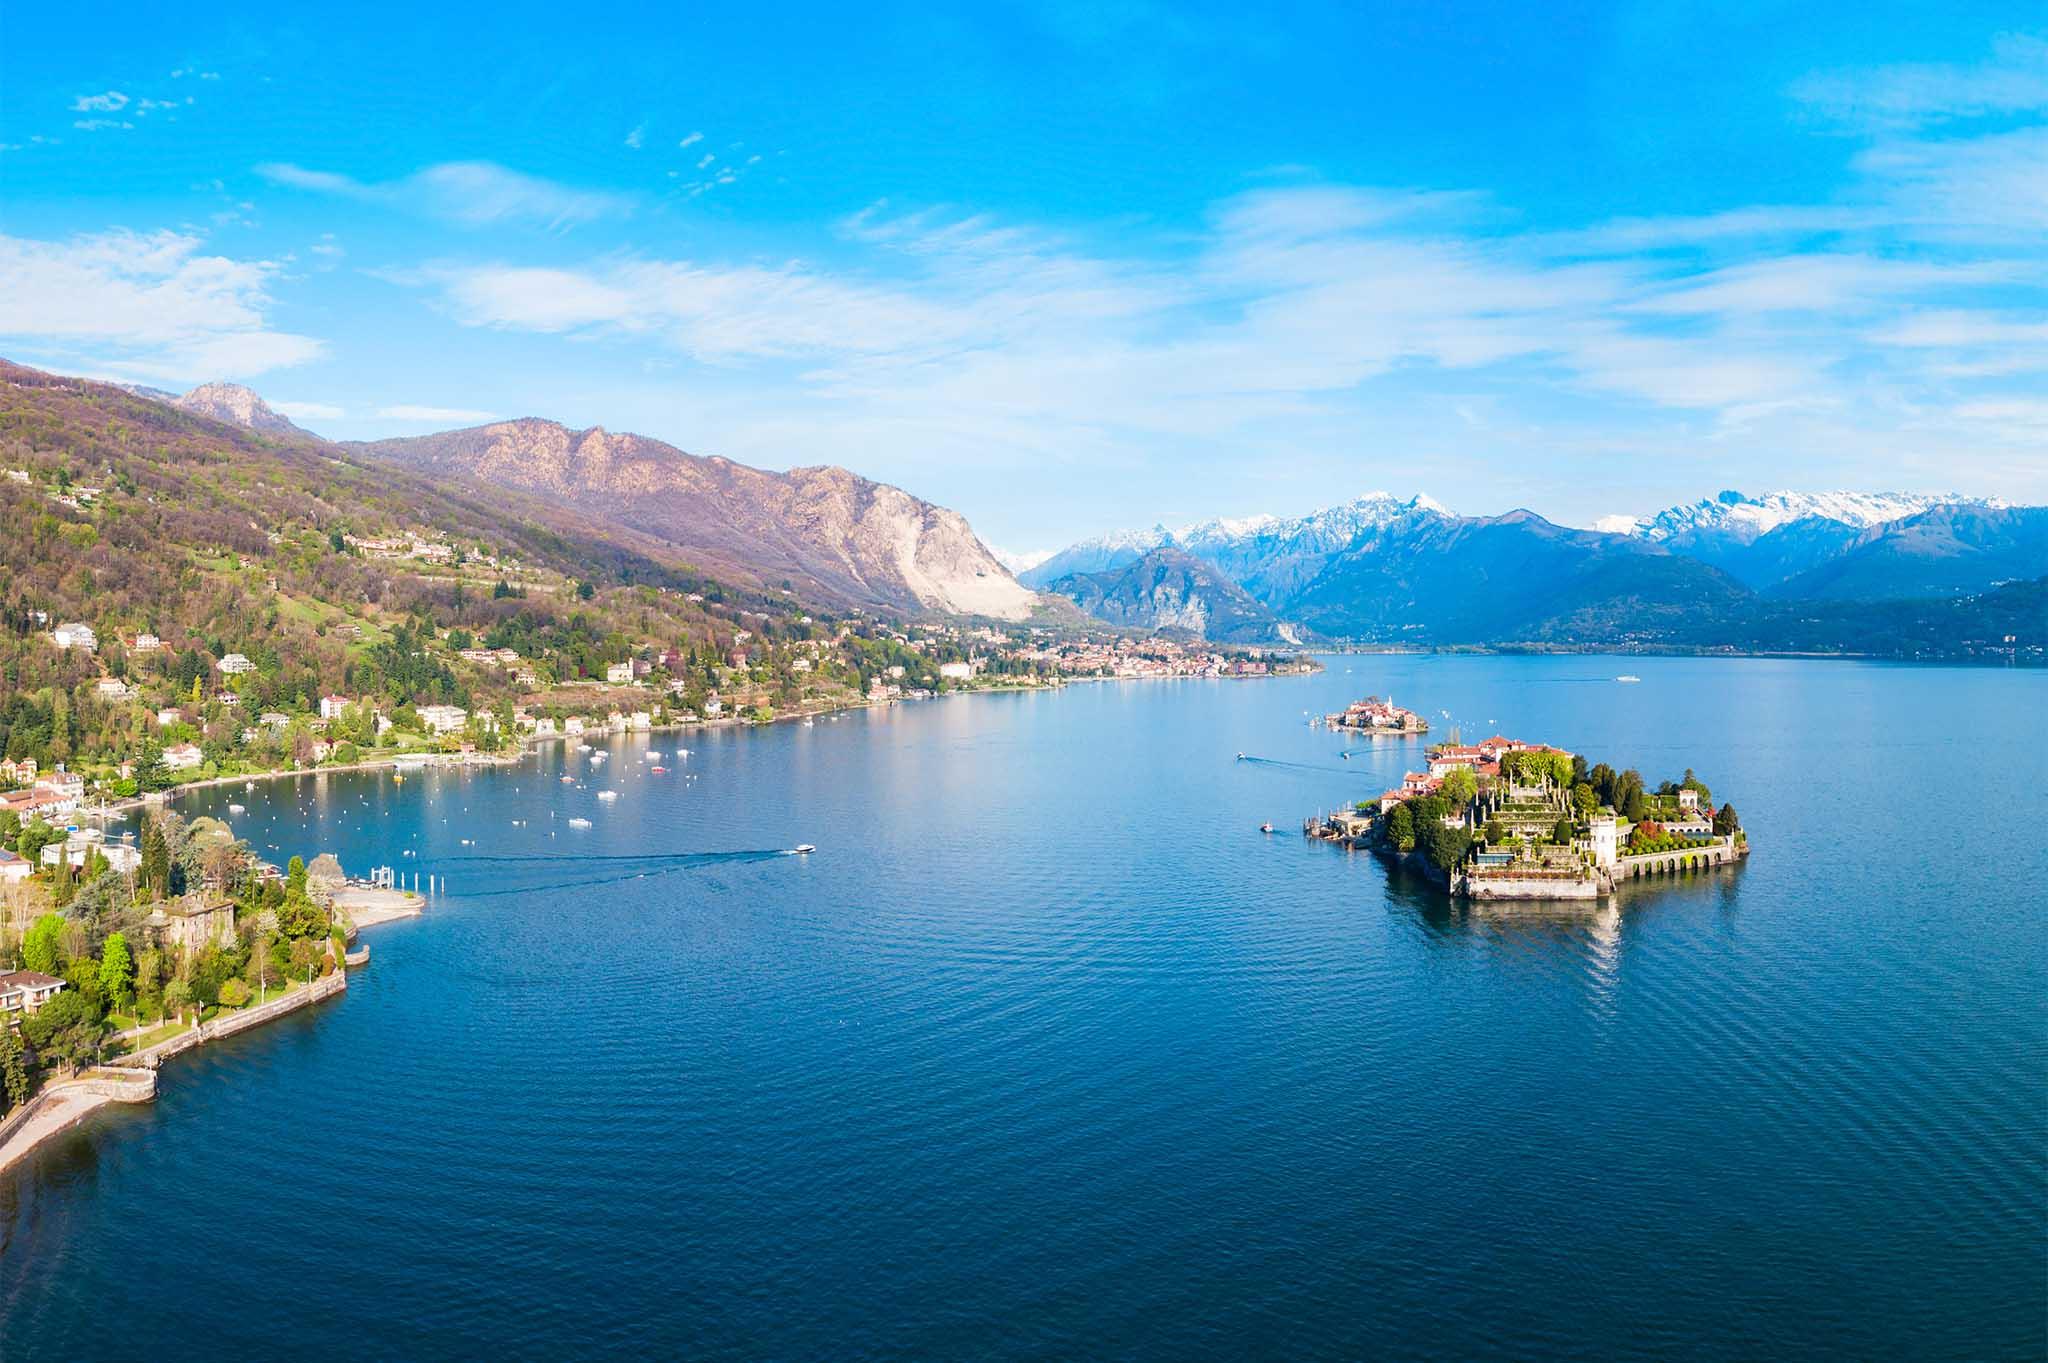 Villa Lago Maggiore:immobilien lago Maggiore, Sotheby's Realty - sothebys.photo 1